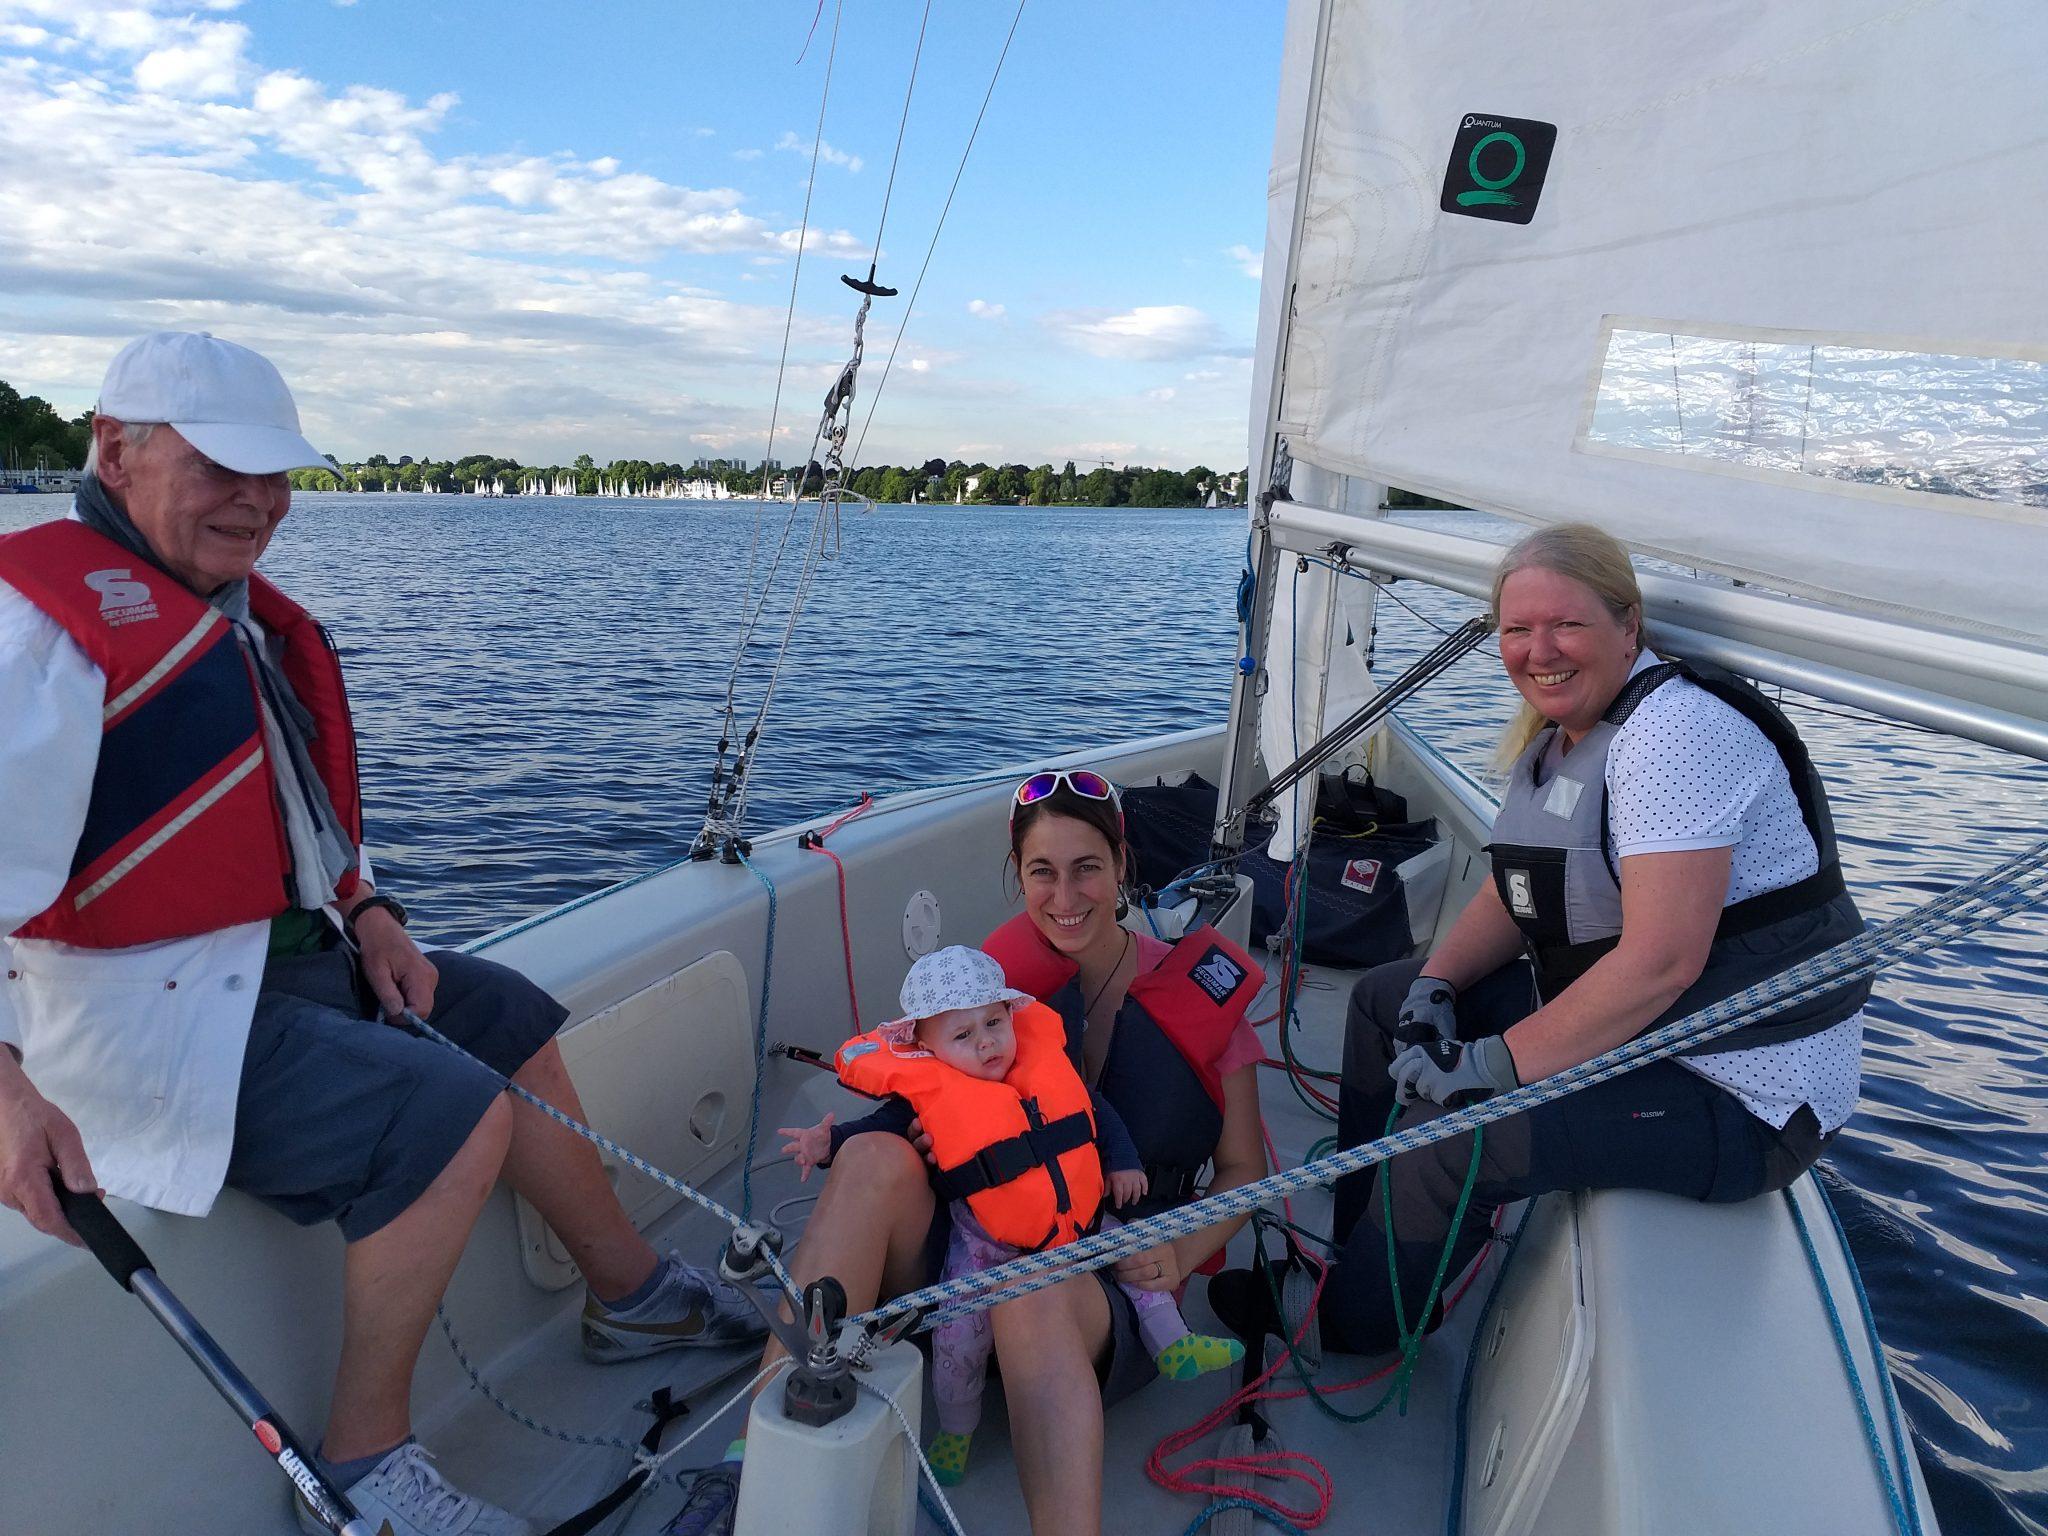 Baby und Routinier an Bord